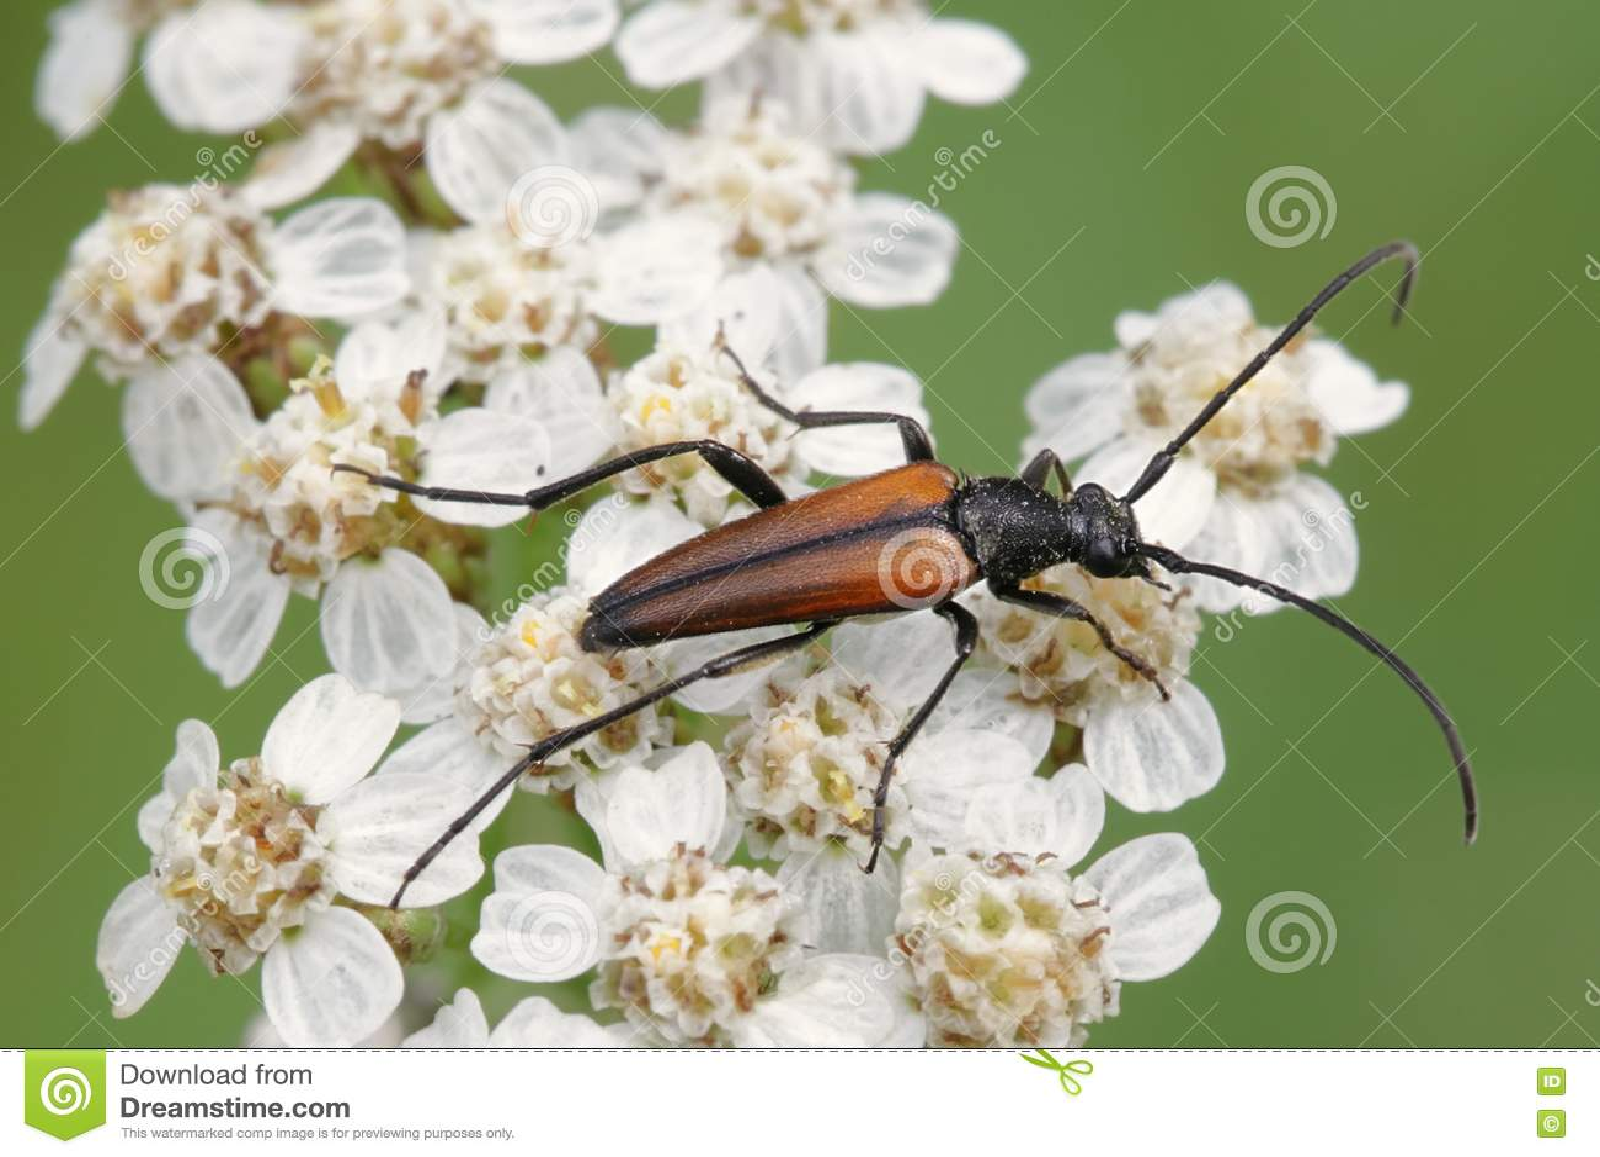 Long-horned beetle, Leptura melanura